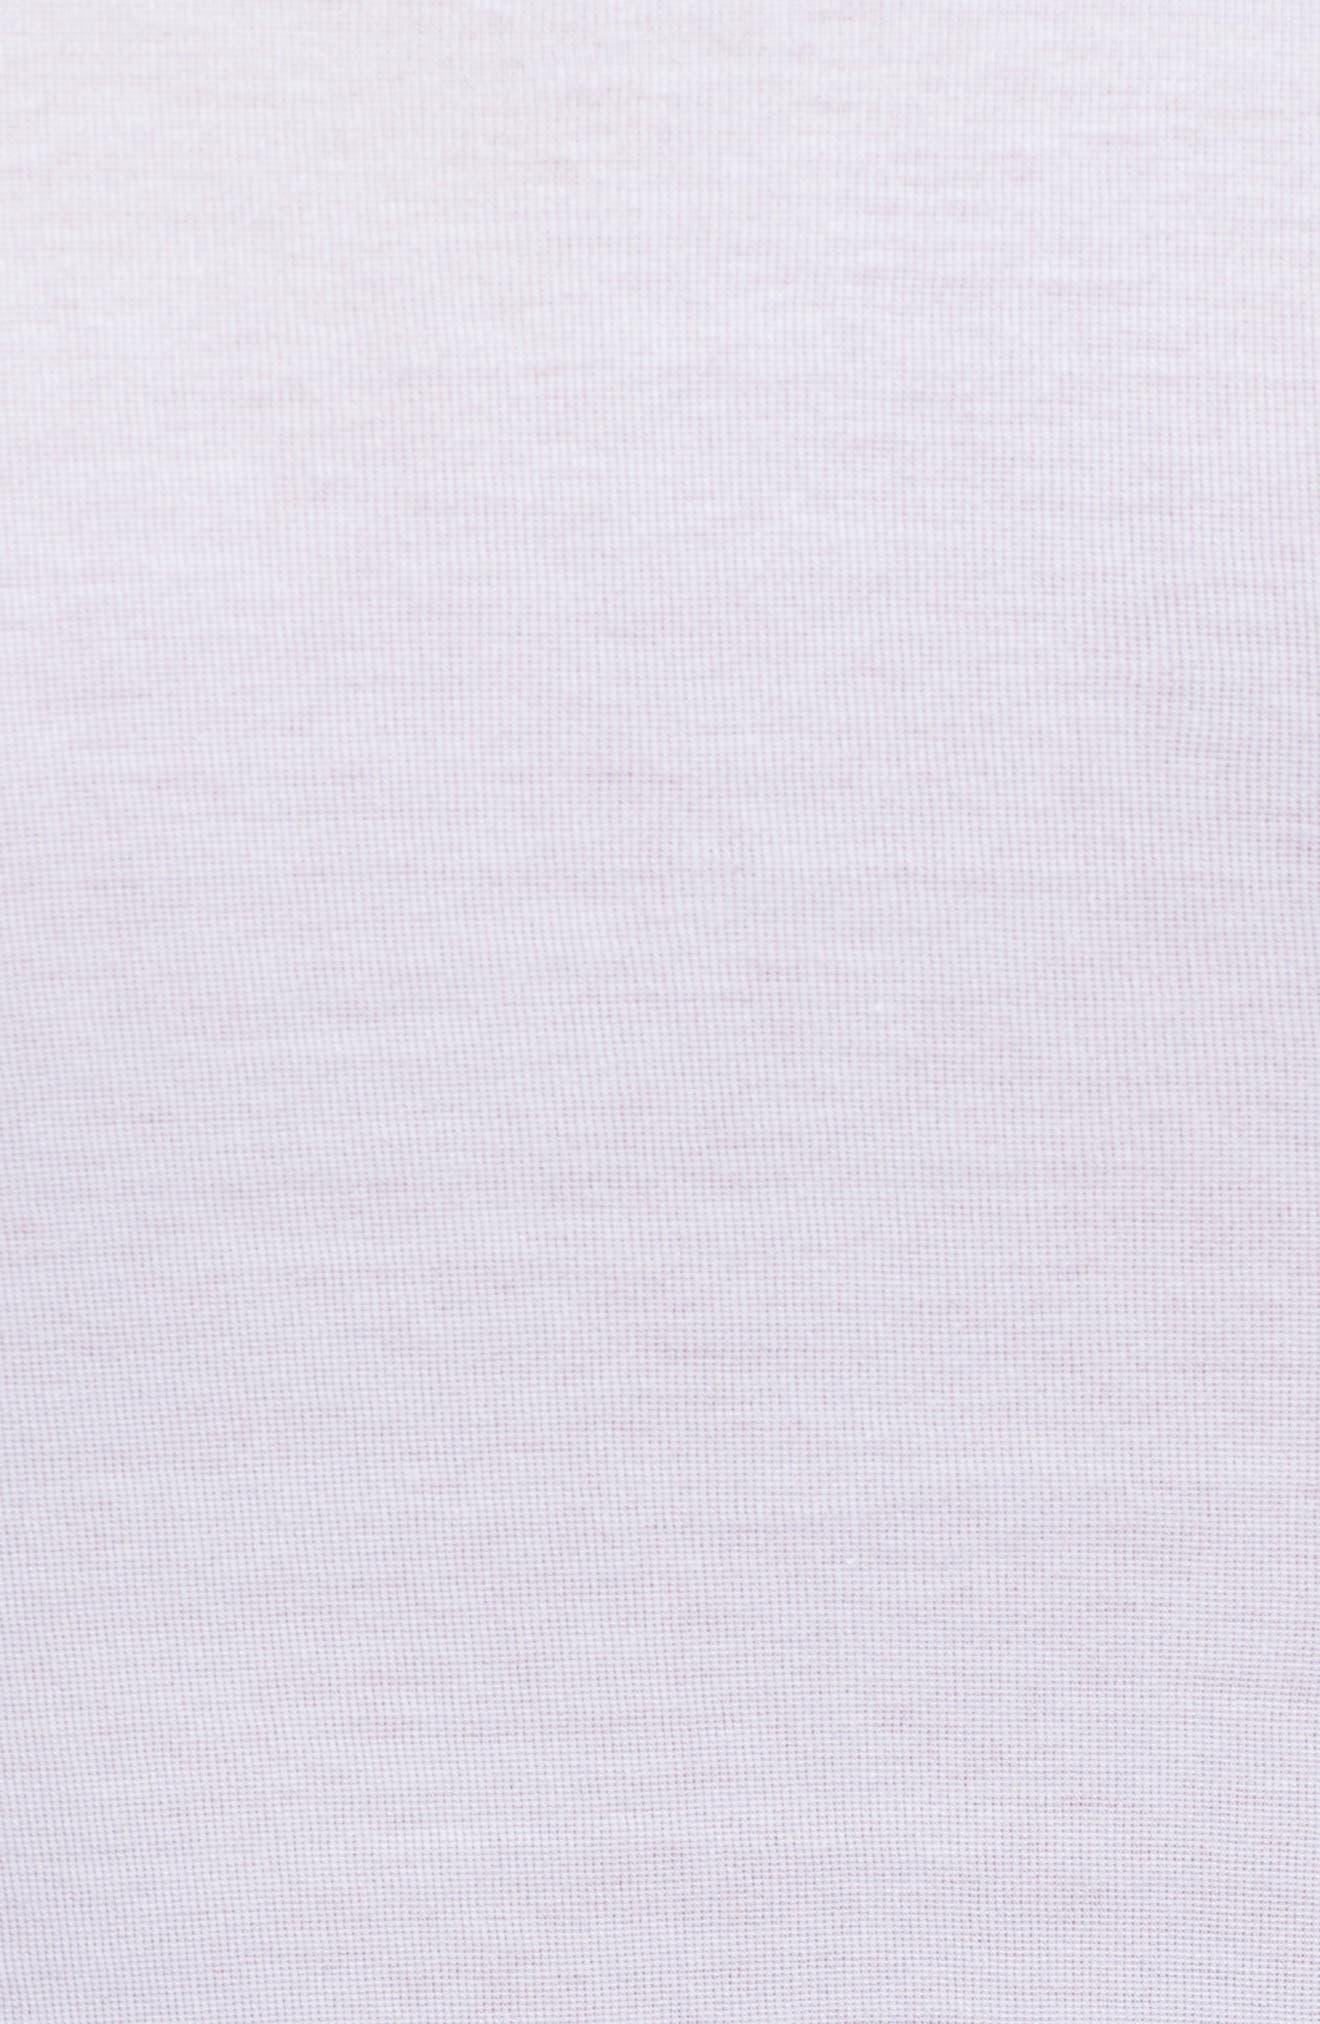 Cotton Pure Crewneck T-Shirt,                             Alternate thumbnail 5, color,                             White